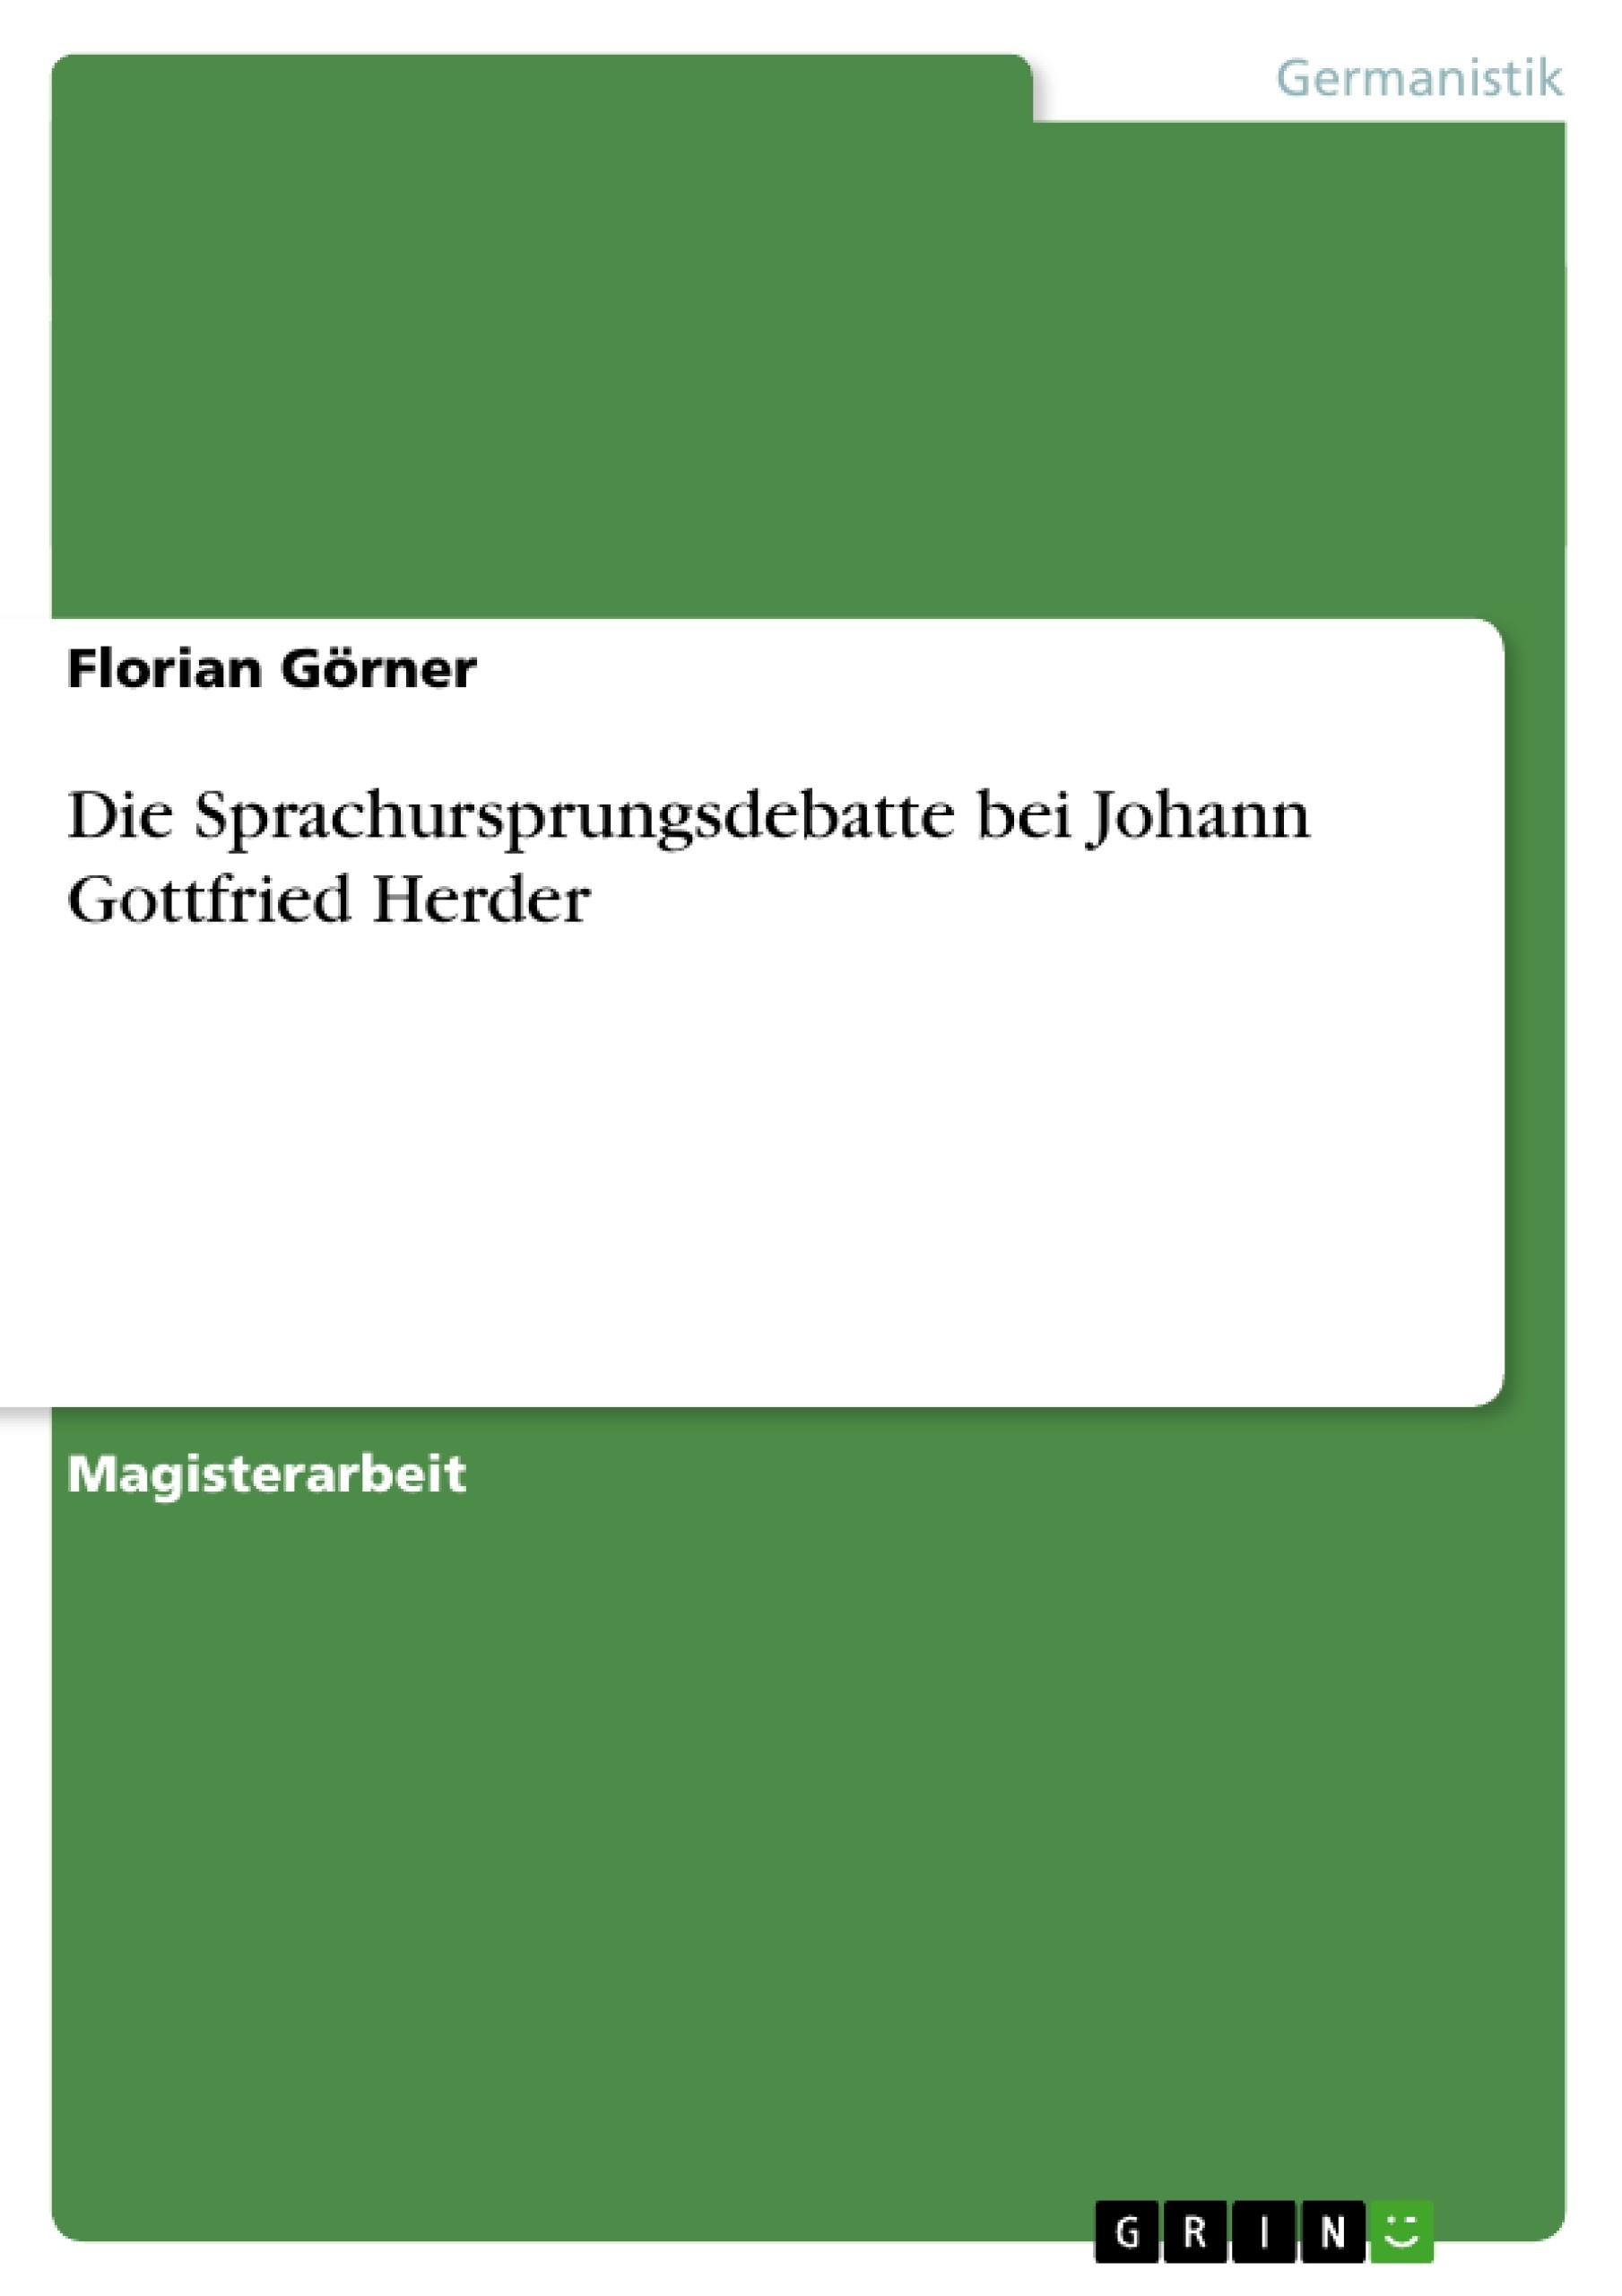 Titel: Die Sprachursprungsdebatte bei Johann Gottfried Herder